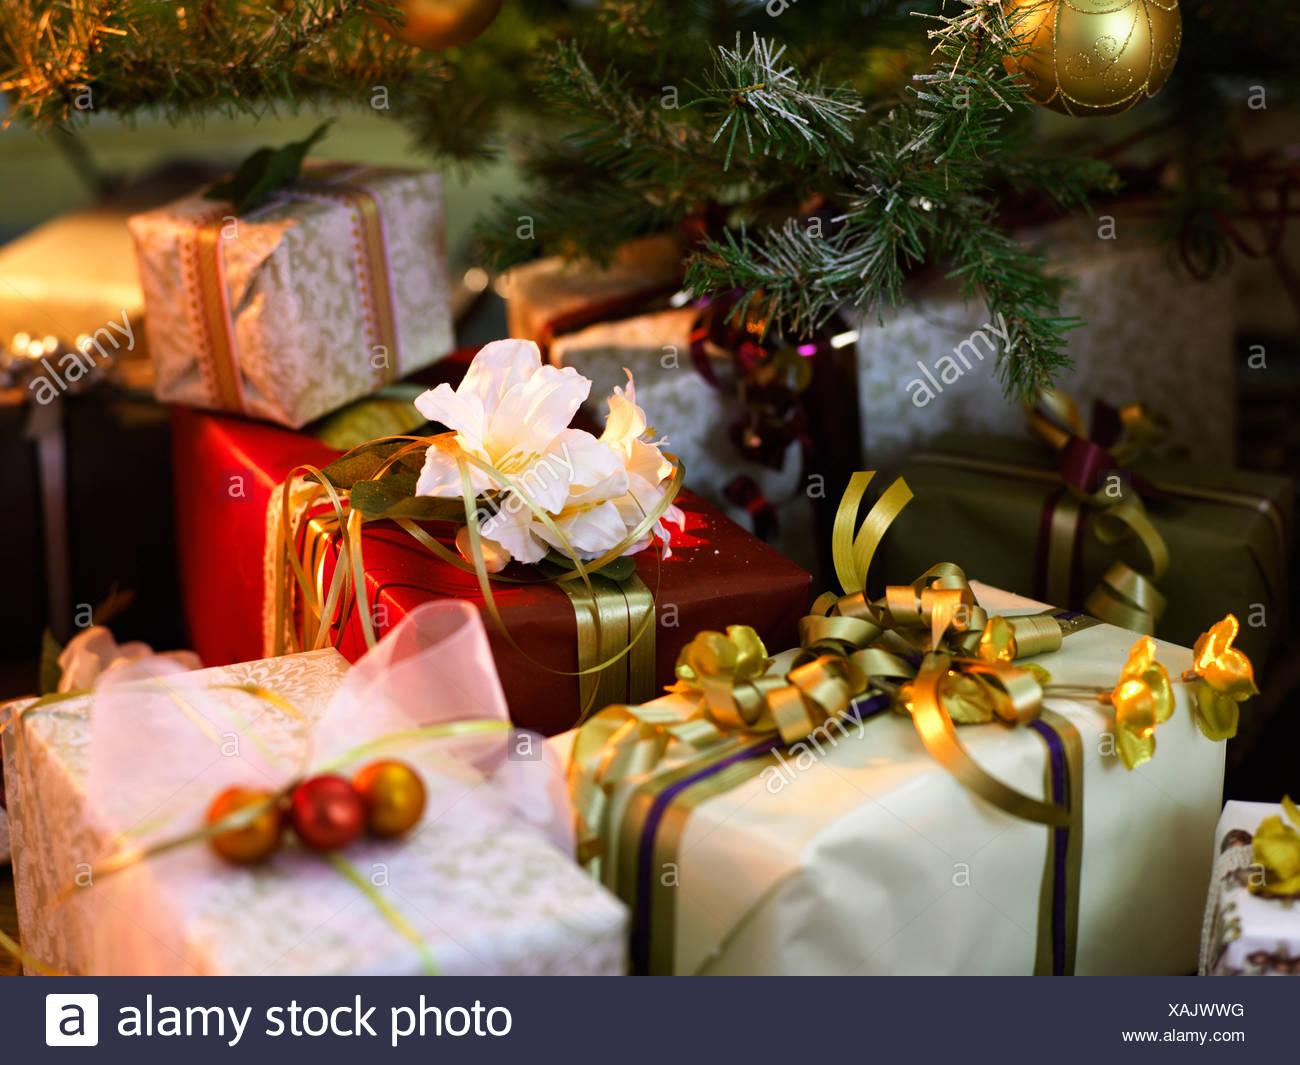 Weihnachtsgeschenke In Schweden.Weihnachtsgeschenke Unter Einem Weihnachtsbaum Schweden Stockfoto